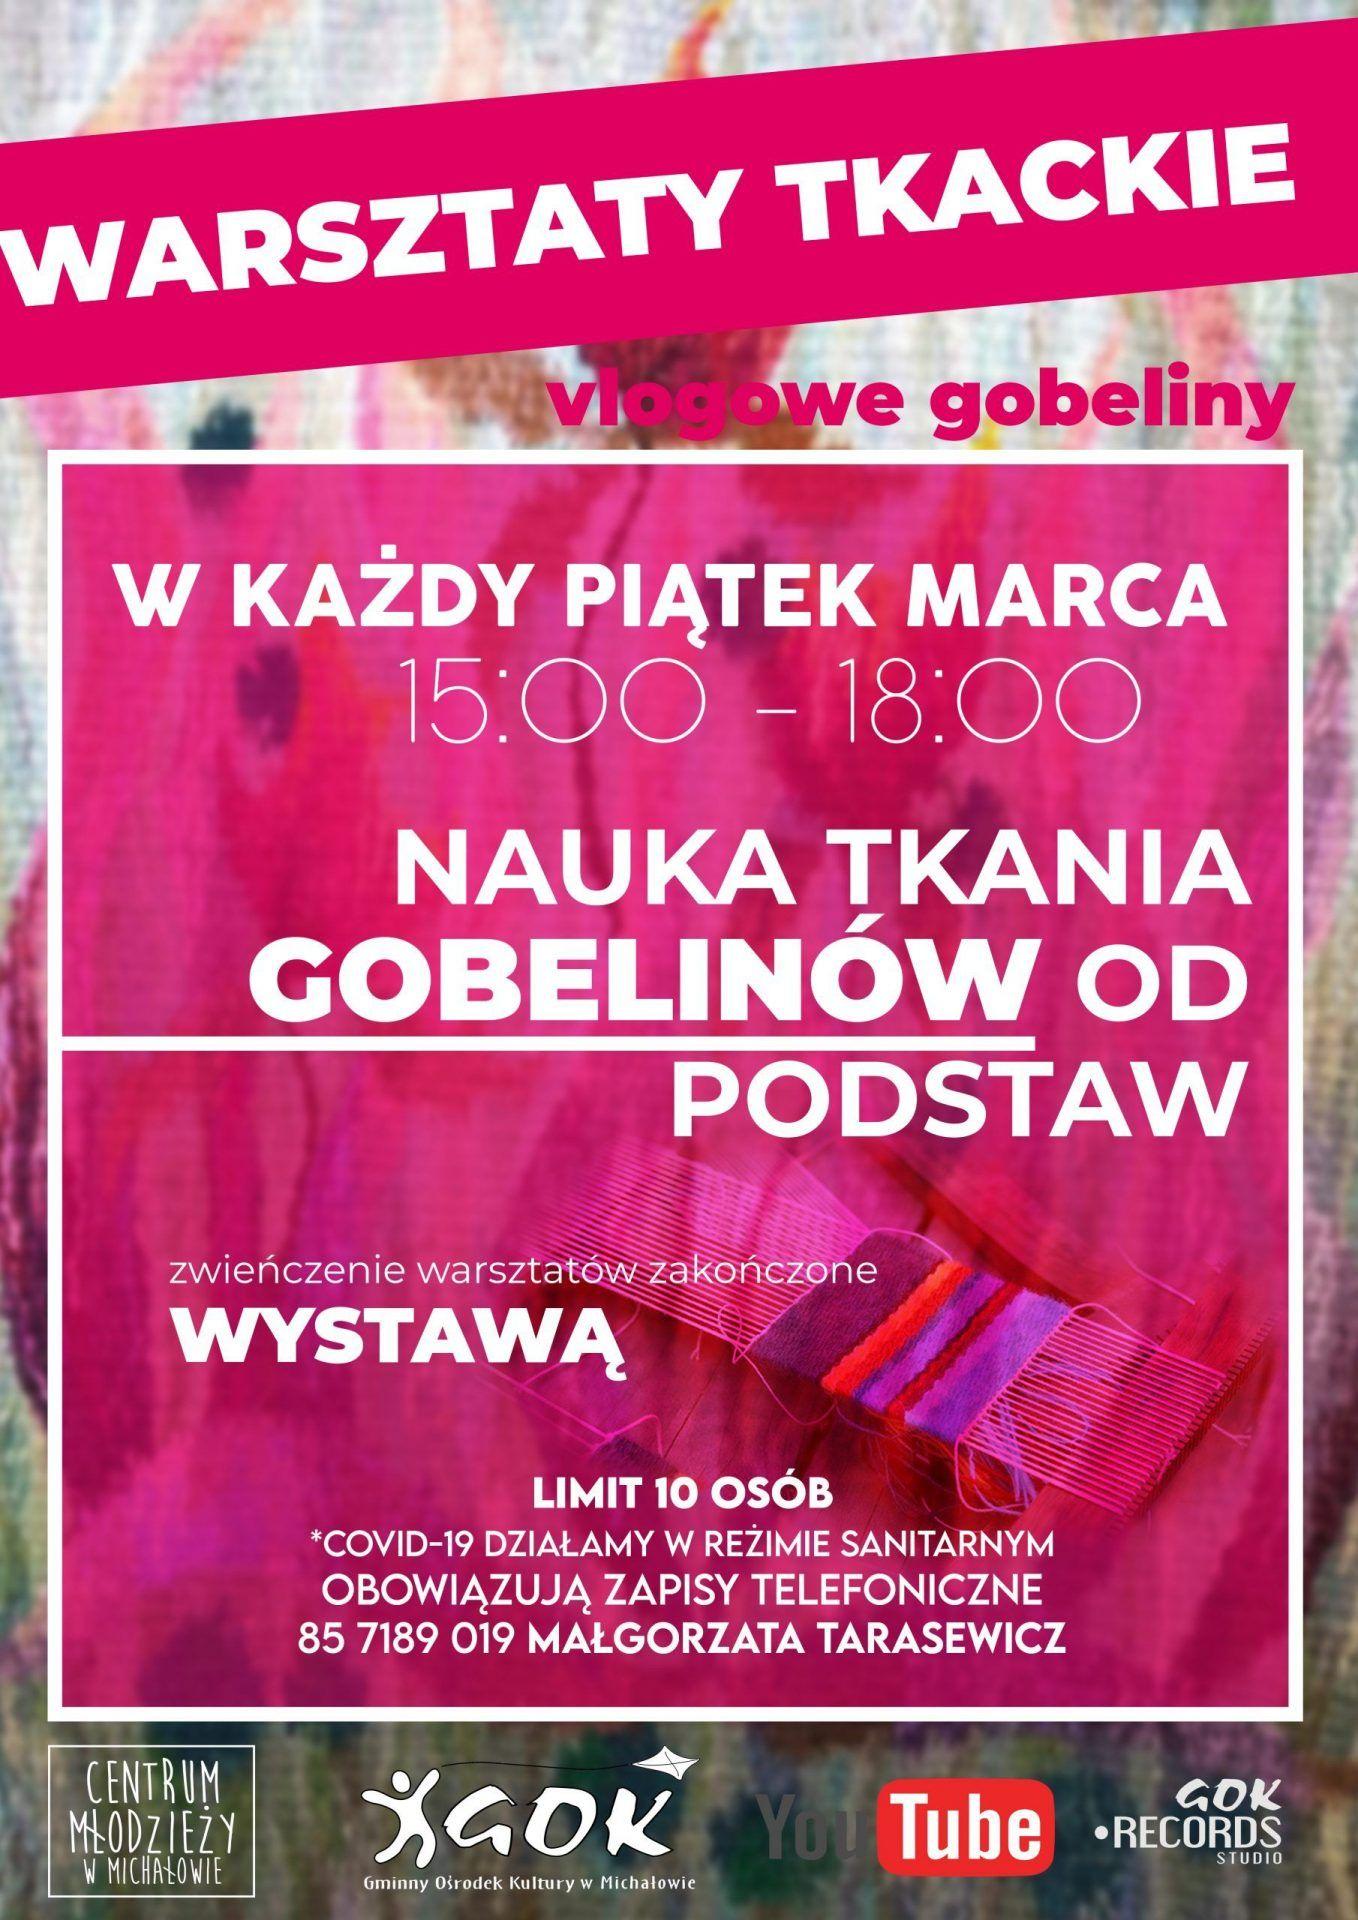 warsztaty_tkackie_marzec_2021